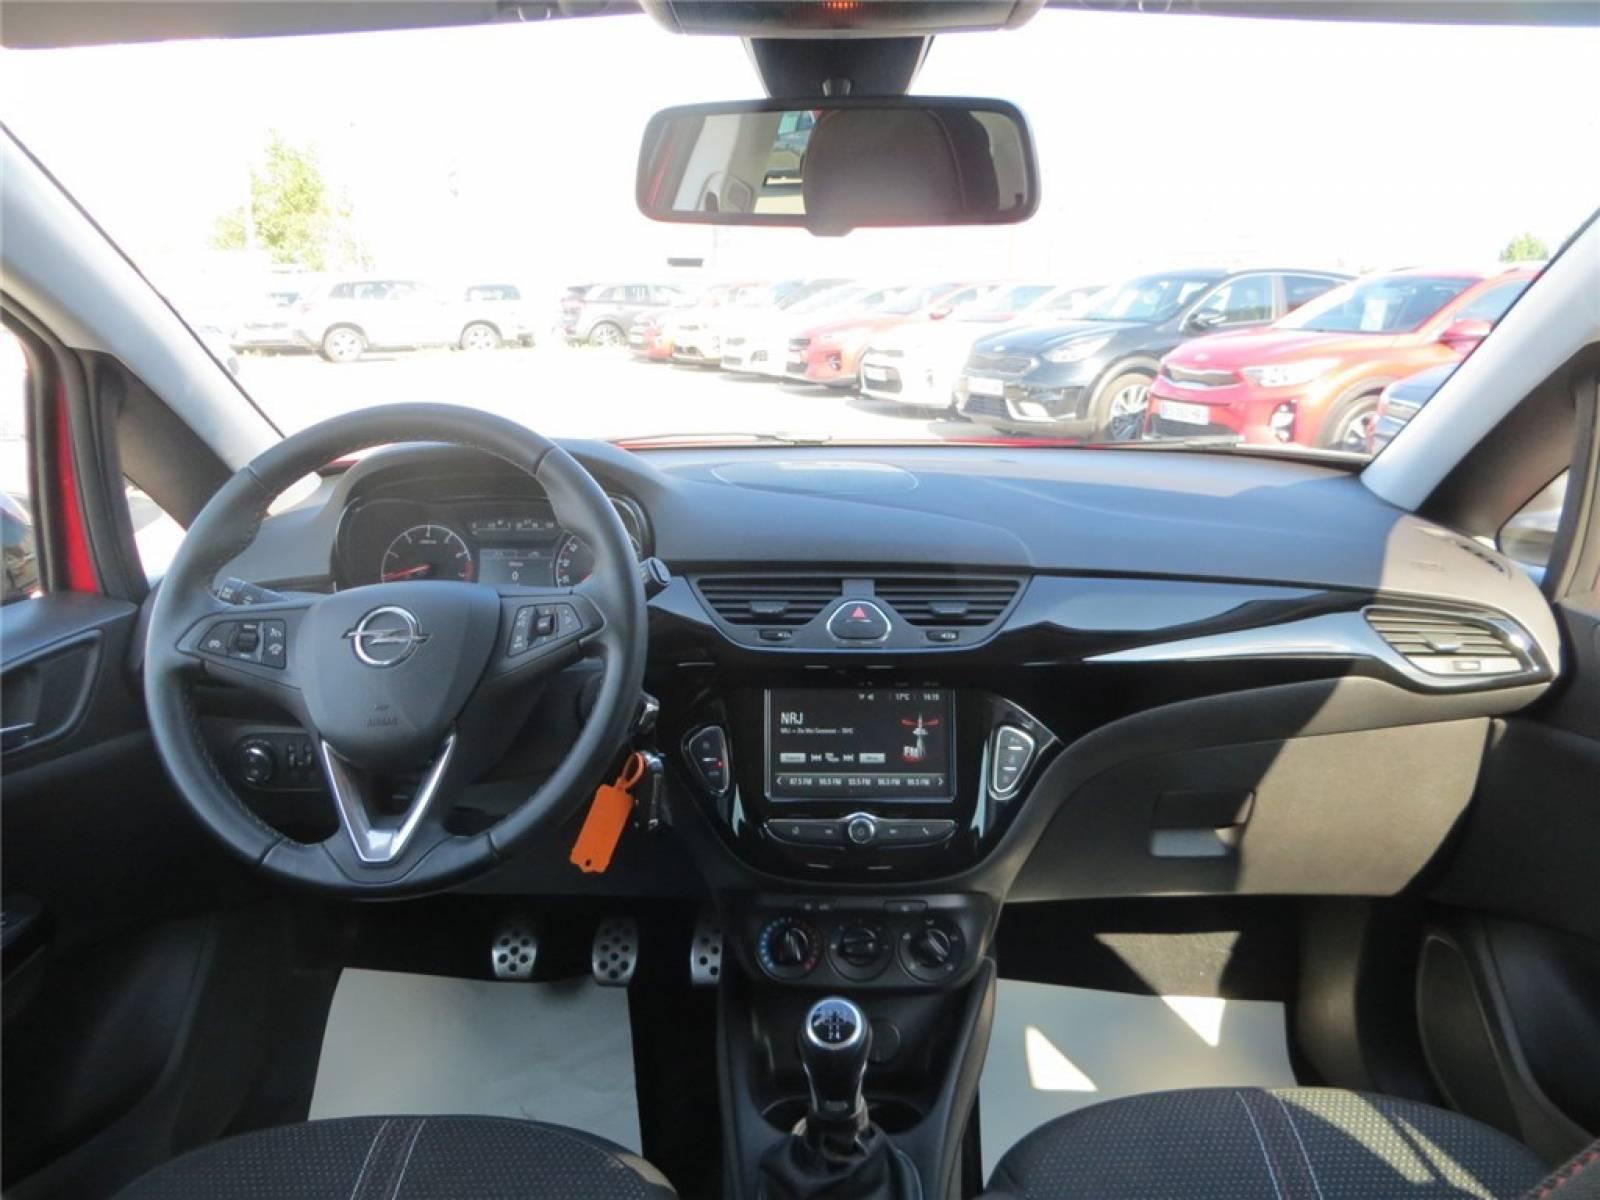 OPEL Corsa 1.4 90 ch - véhicule d'occasion - Groupe Guillet - Opel Magicauto - Chalon-sur-Saône - 71380 - Saint-Marcel - 19